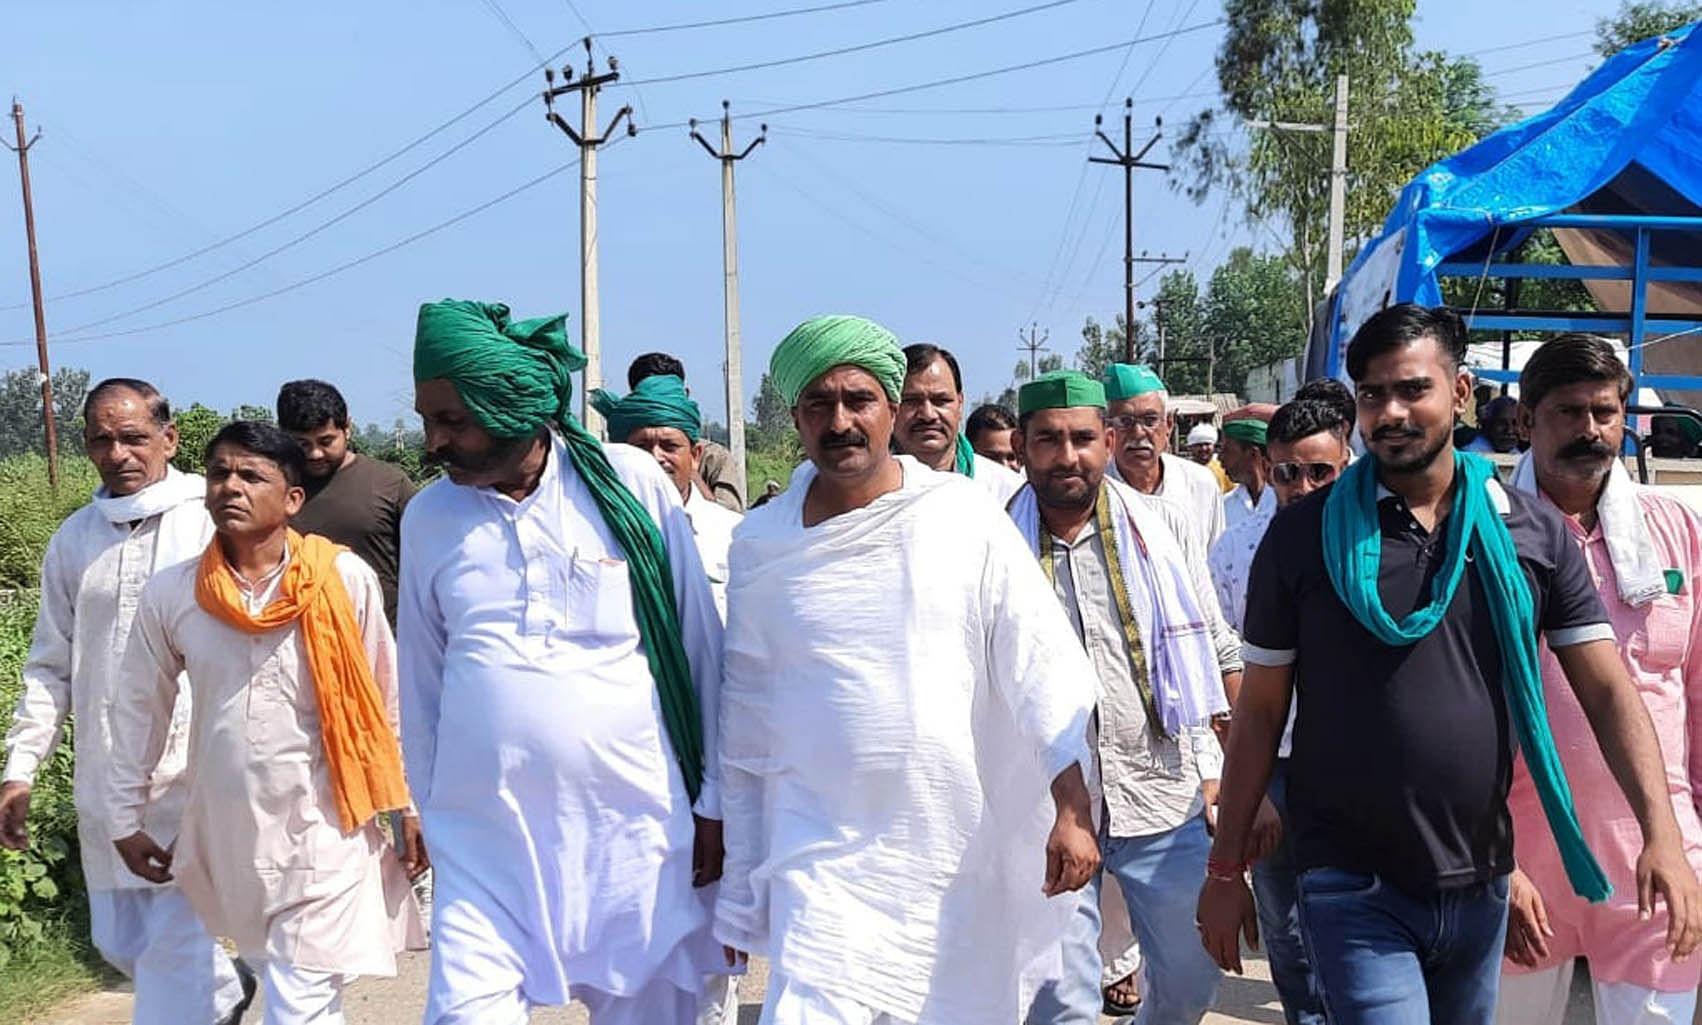 किसान मजदूर संगठन की पदयात्रा में रोनी हरजीपुर मार्ग पर काफिले के साथ ठा. पूरण सिंह